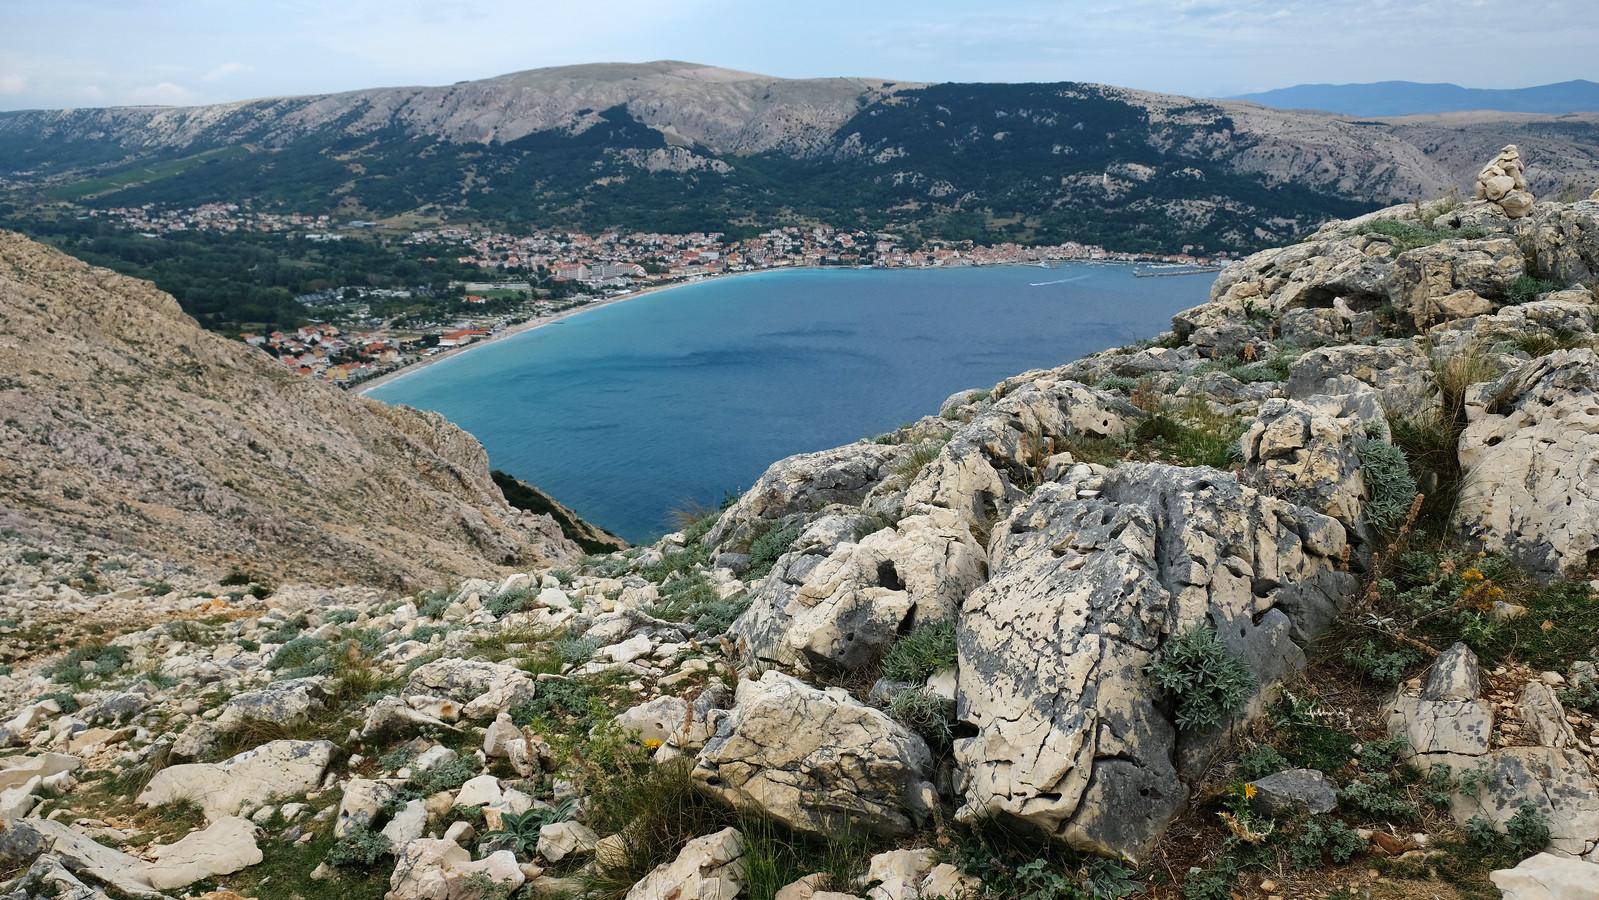 Hiking to Bag, Krk Island, Croatia